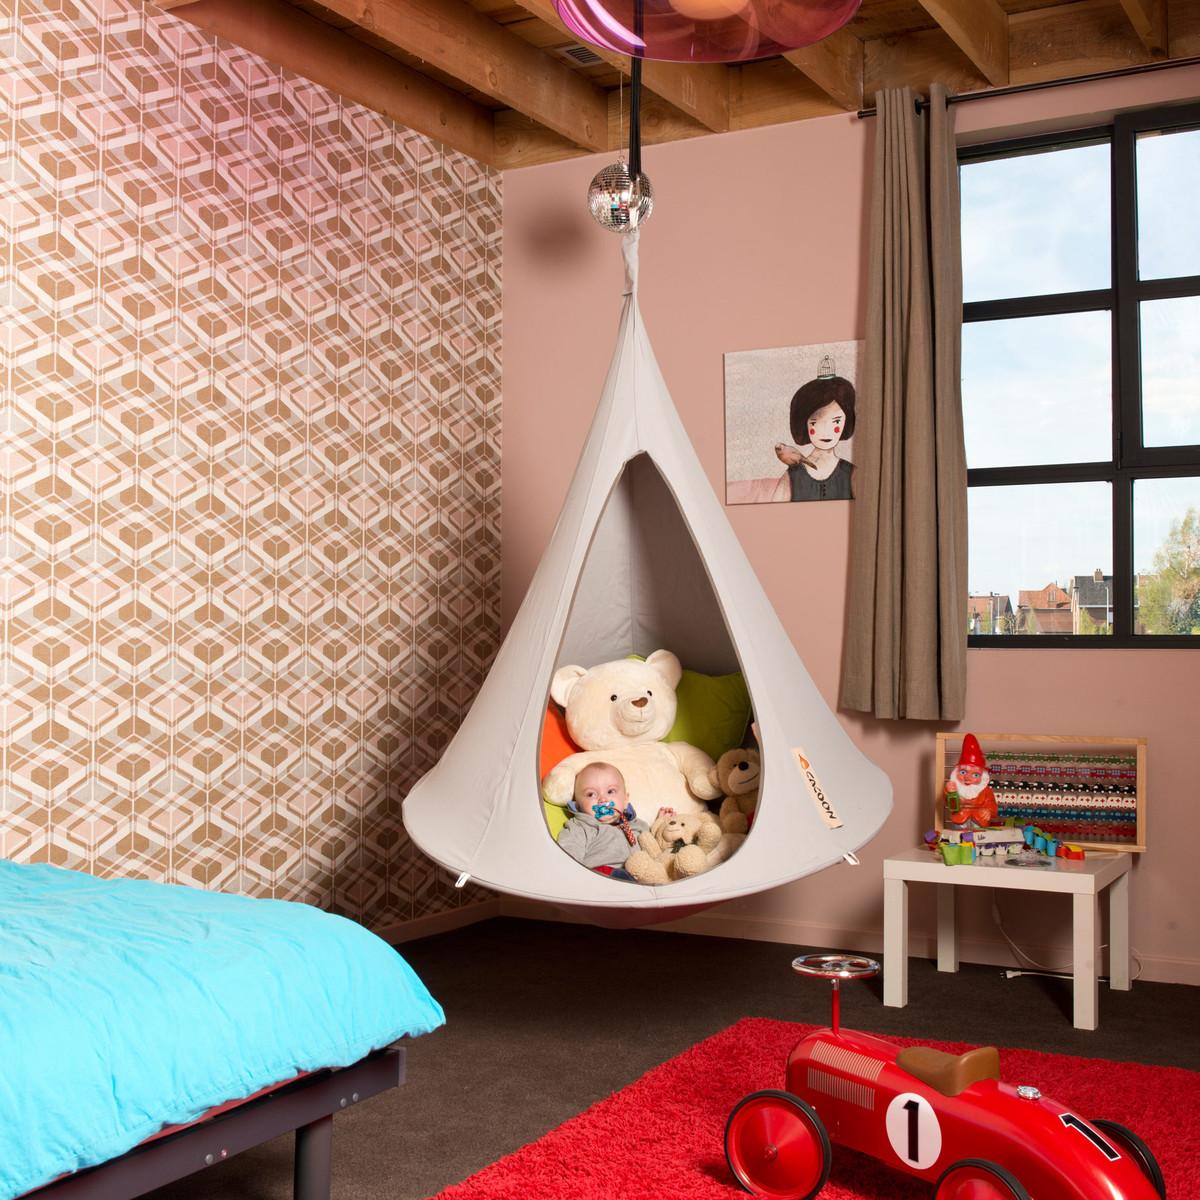 Full Size of Hängesessel Kinderzimmer Bonsai Hngesessel Regale Regal Weiß Garten Sofa Kinderzimmer Hängesessel Kinderzimmer